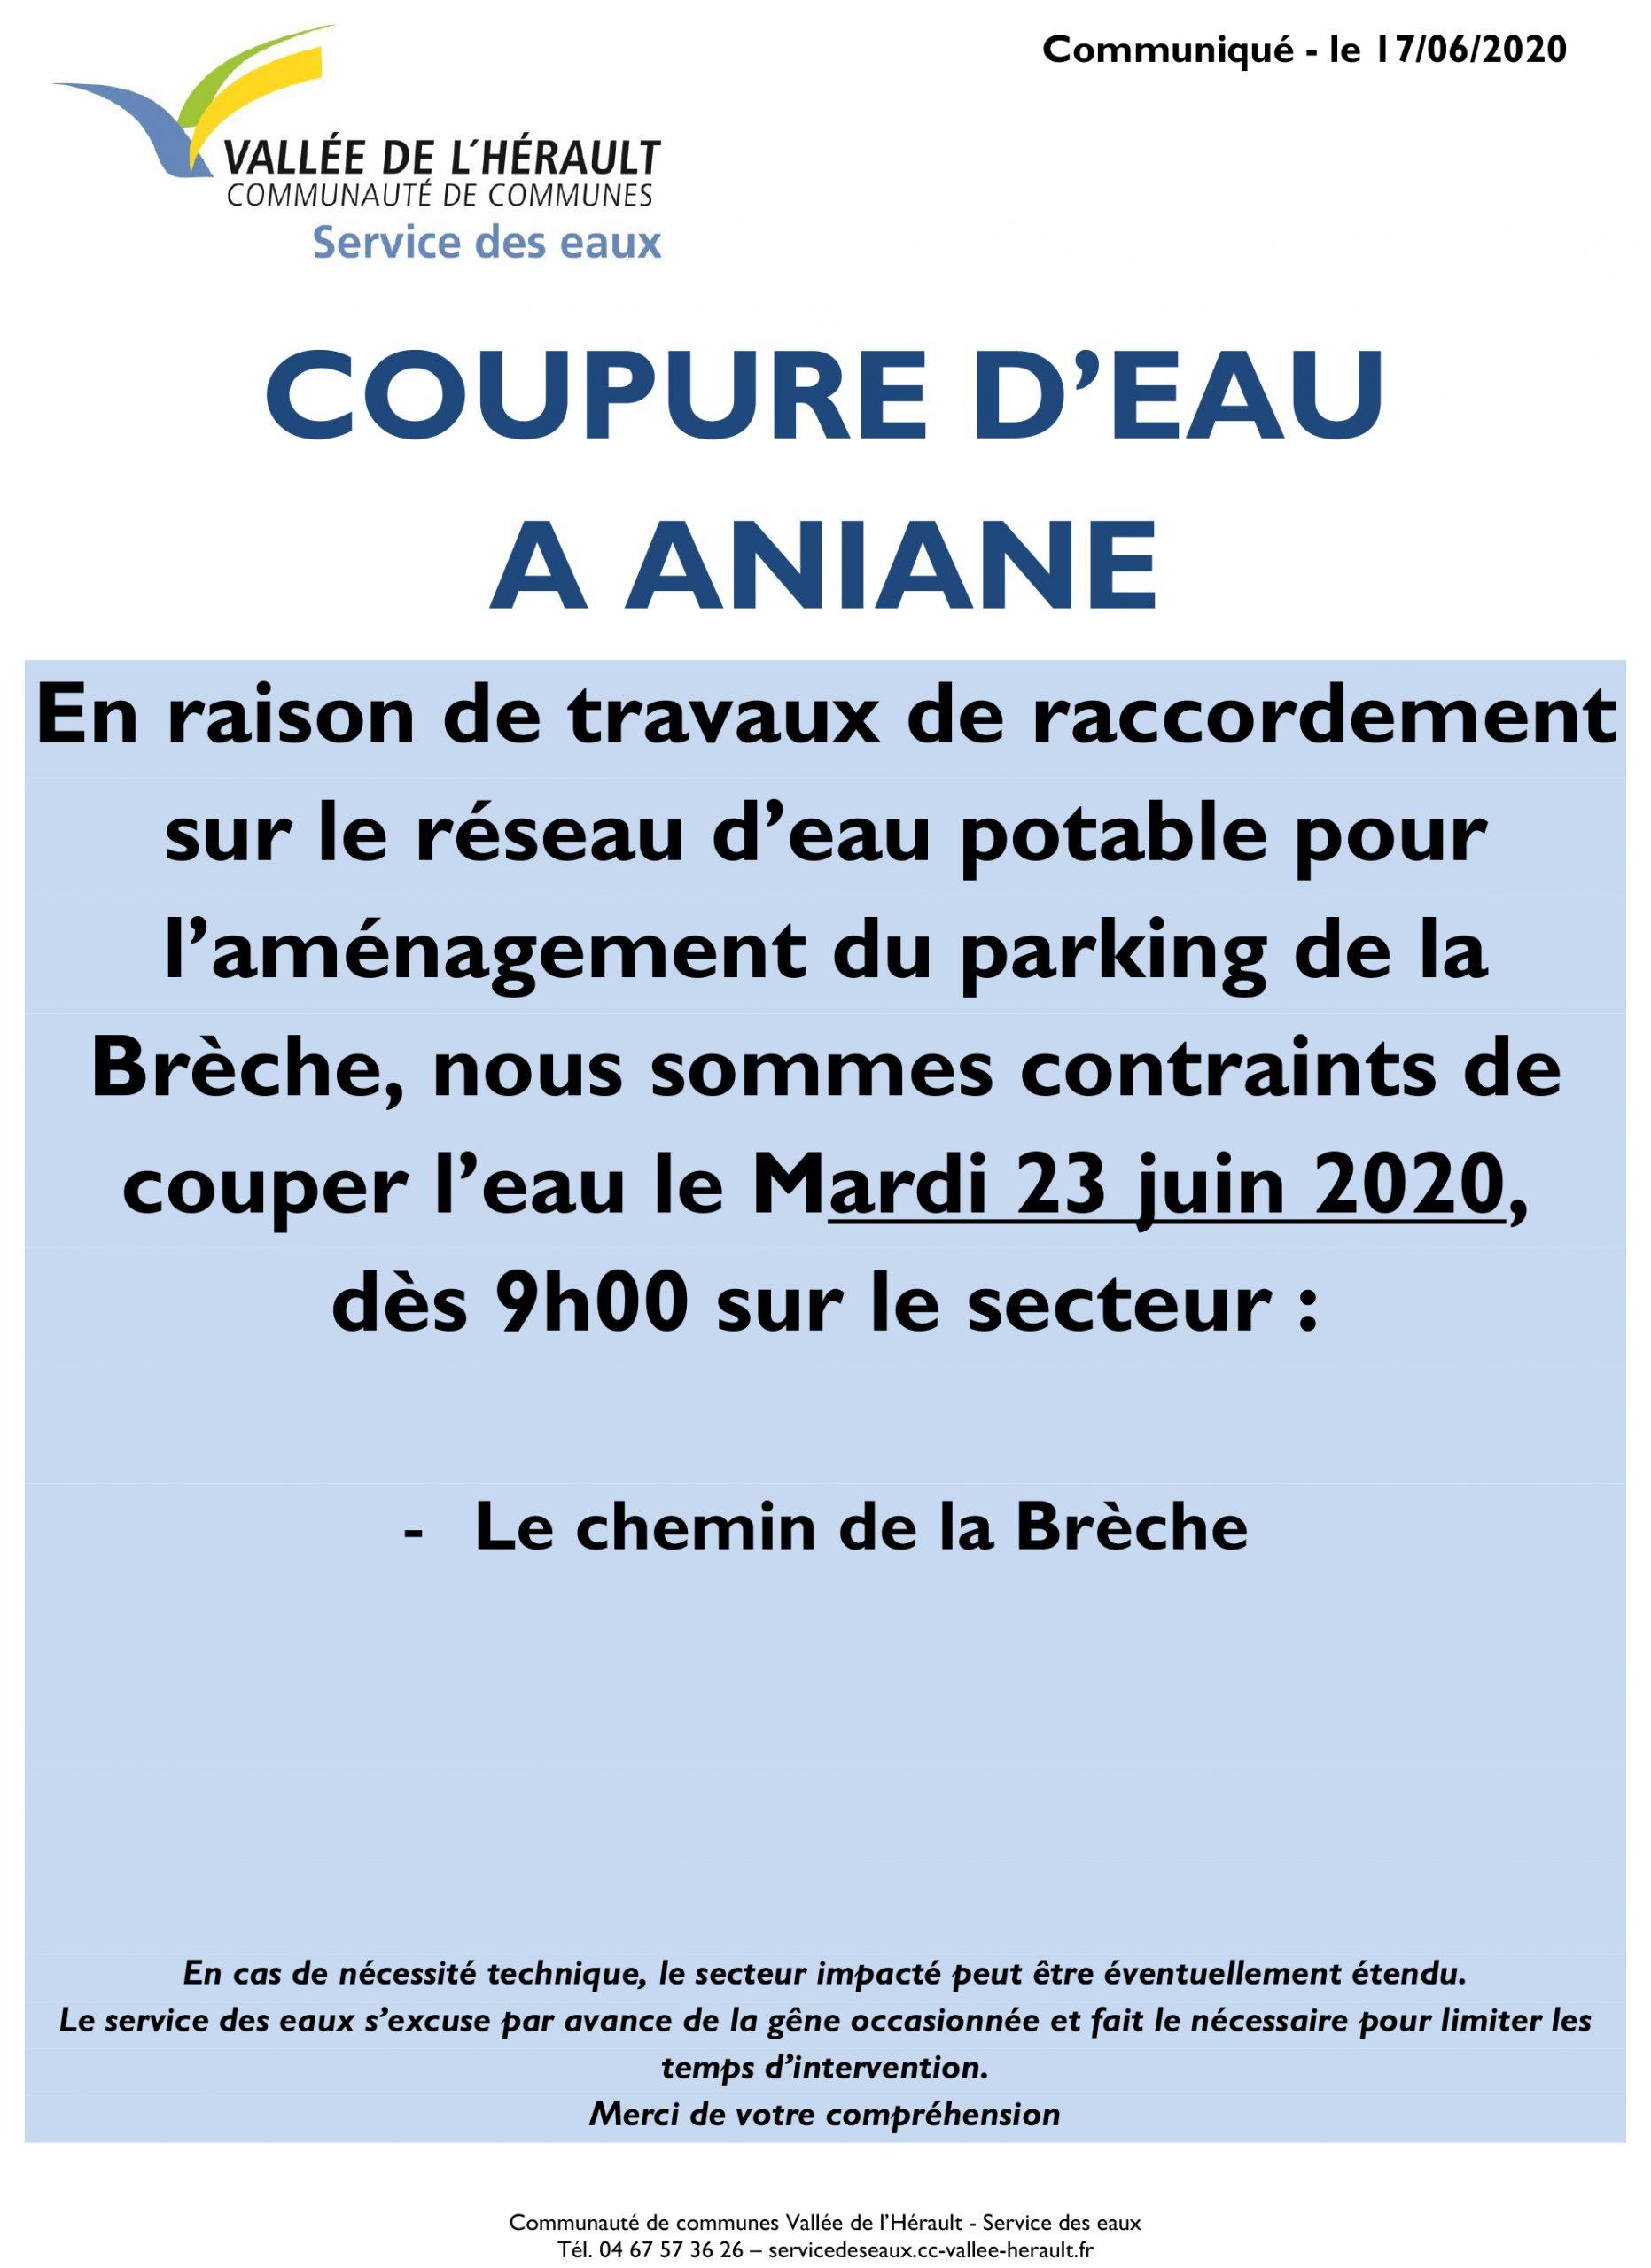 Communiqué Coupure eau 23 06 2020 _Aniane